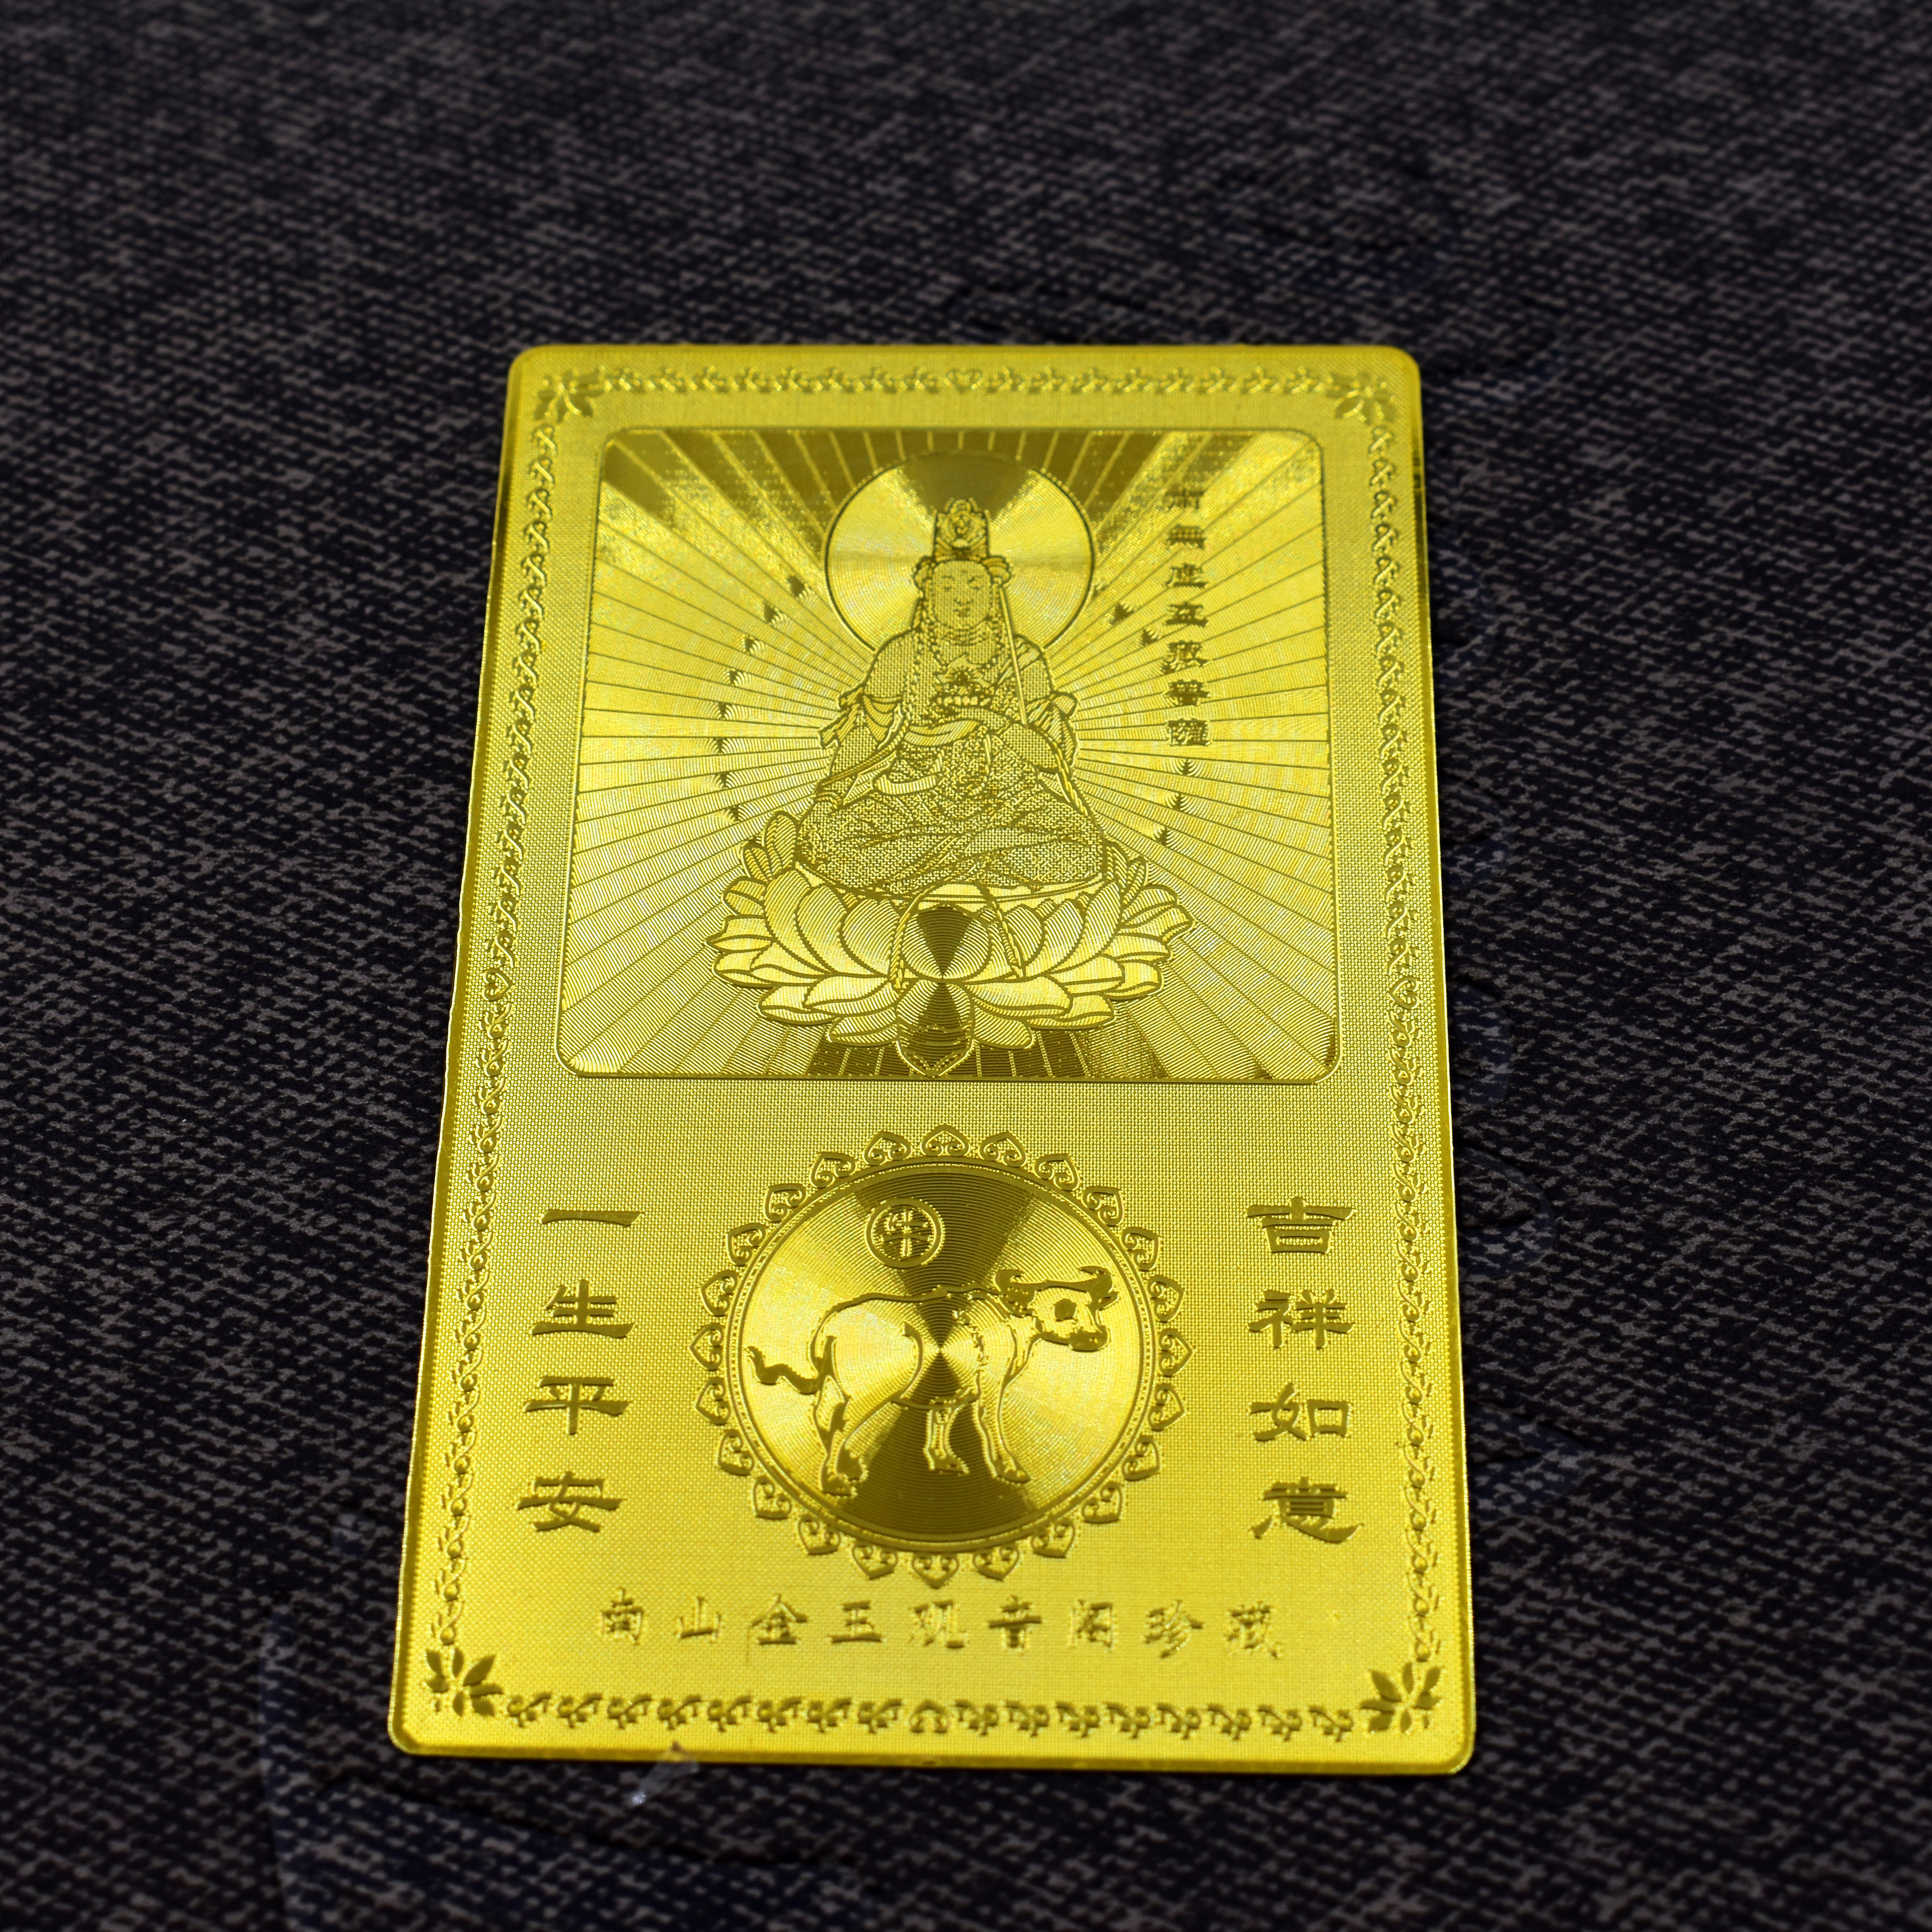 免费设计定制佛教金卡护身符